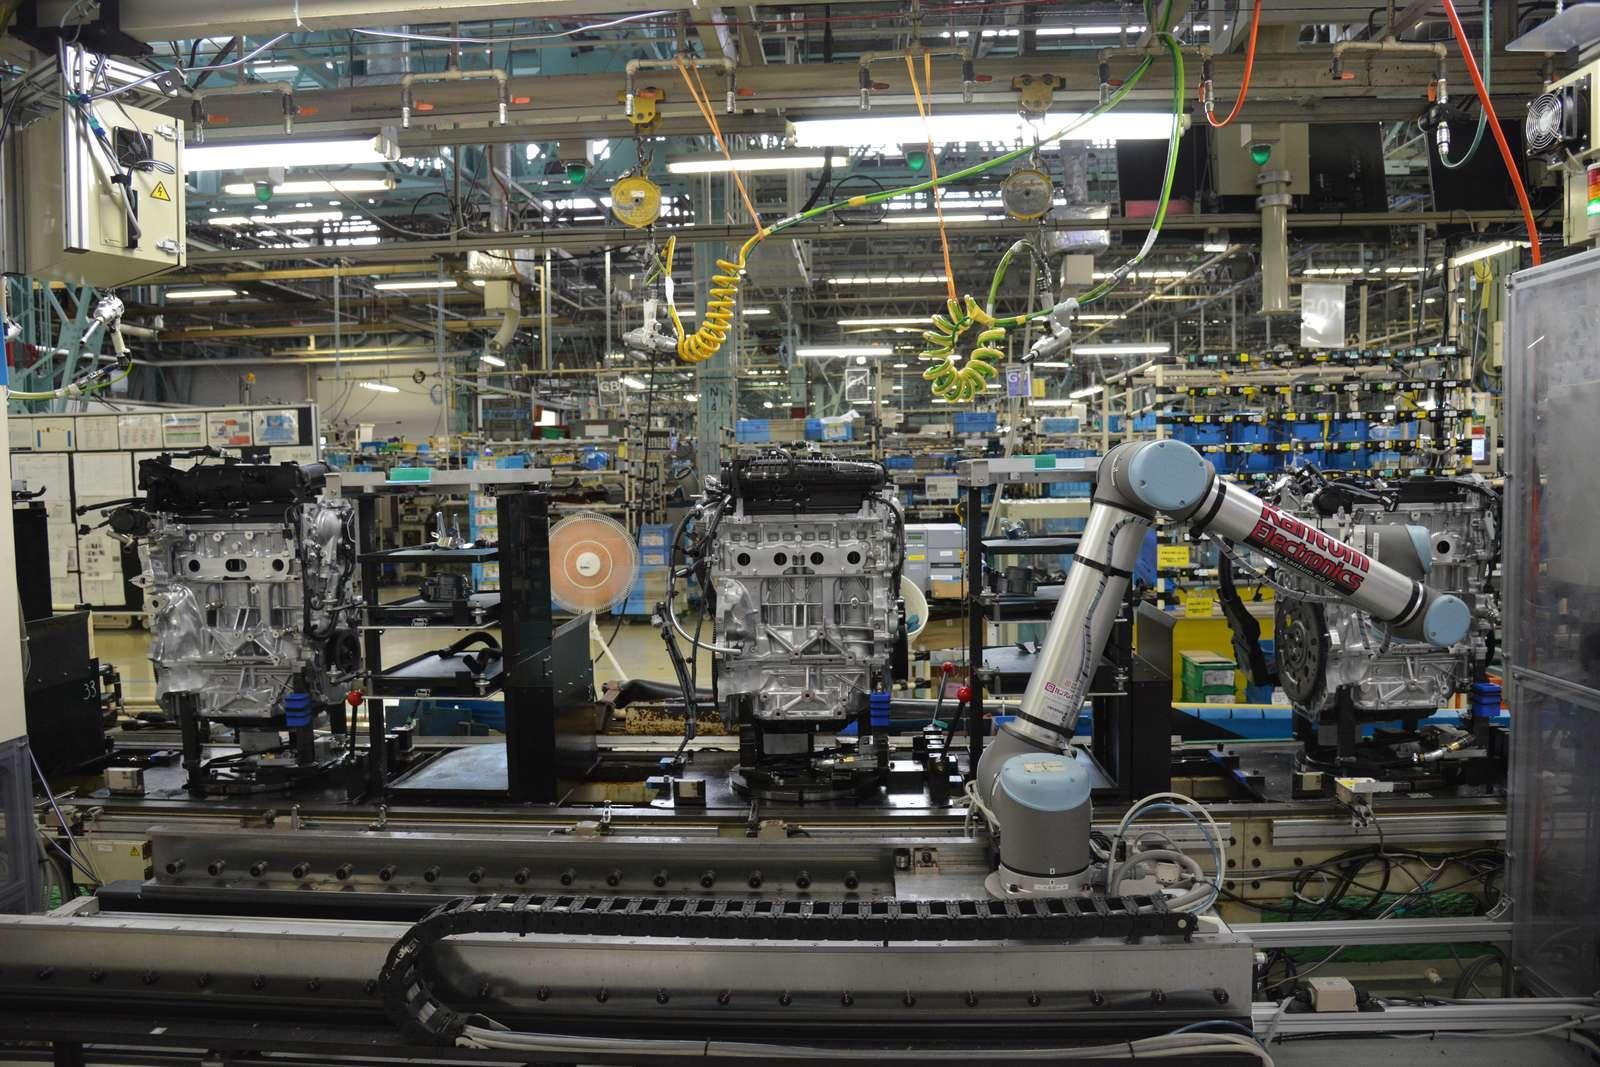 优傲机器人助力日本汽车工厂自动化,解决劳动力短缺及节拍超时问题